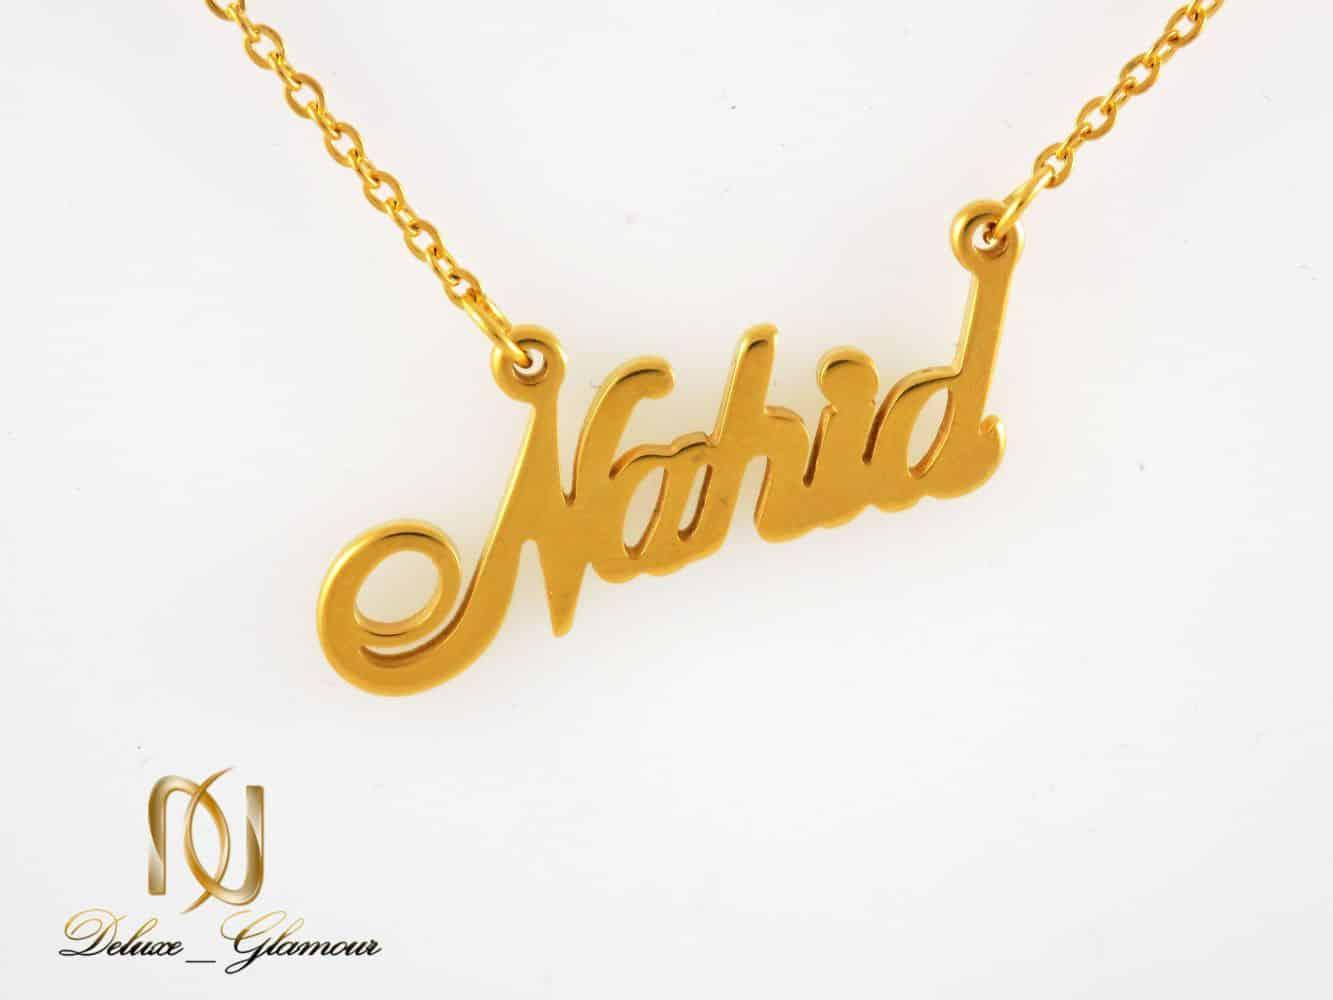 گردنبند اسم ناهید استیل با روکش آب طلای 18 عیار nw-n206